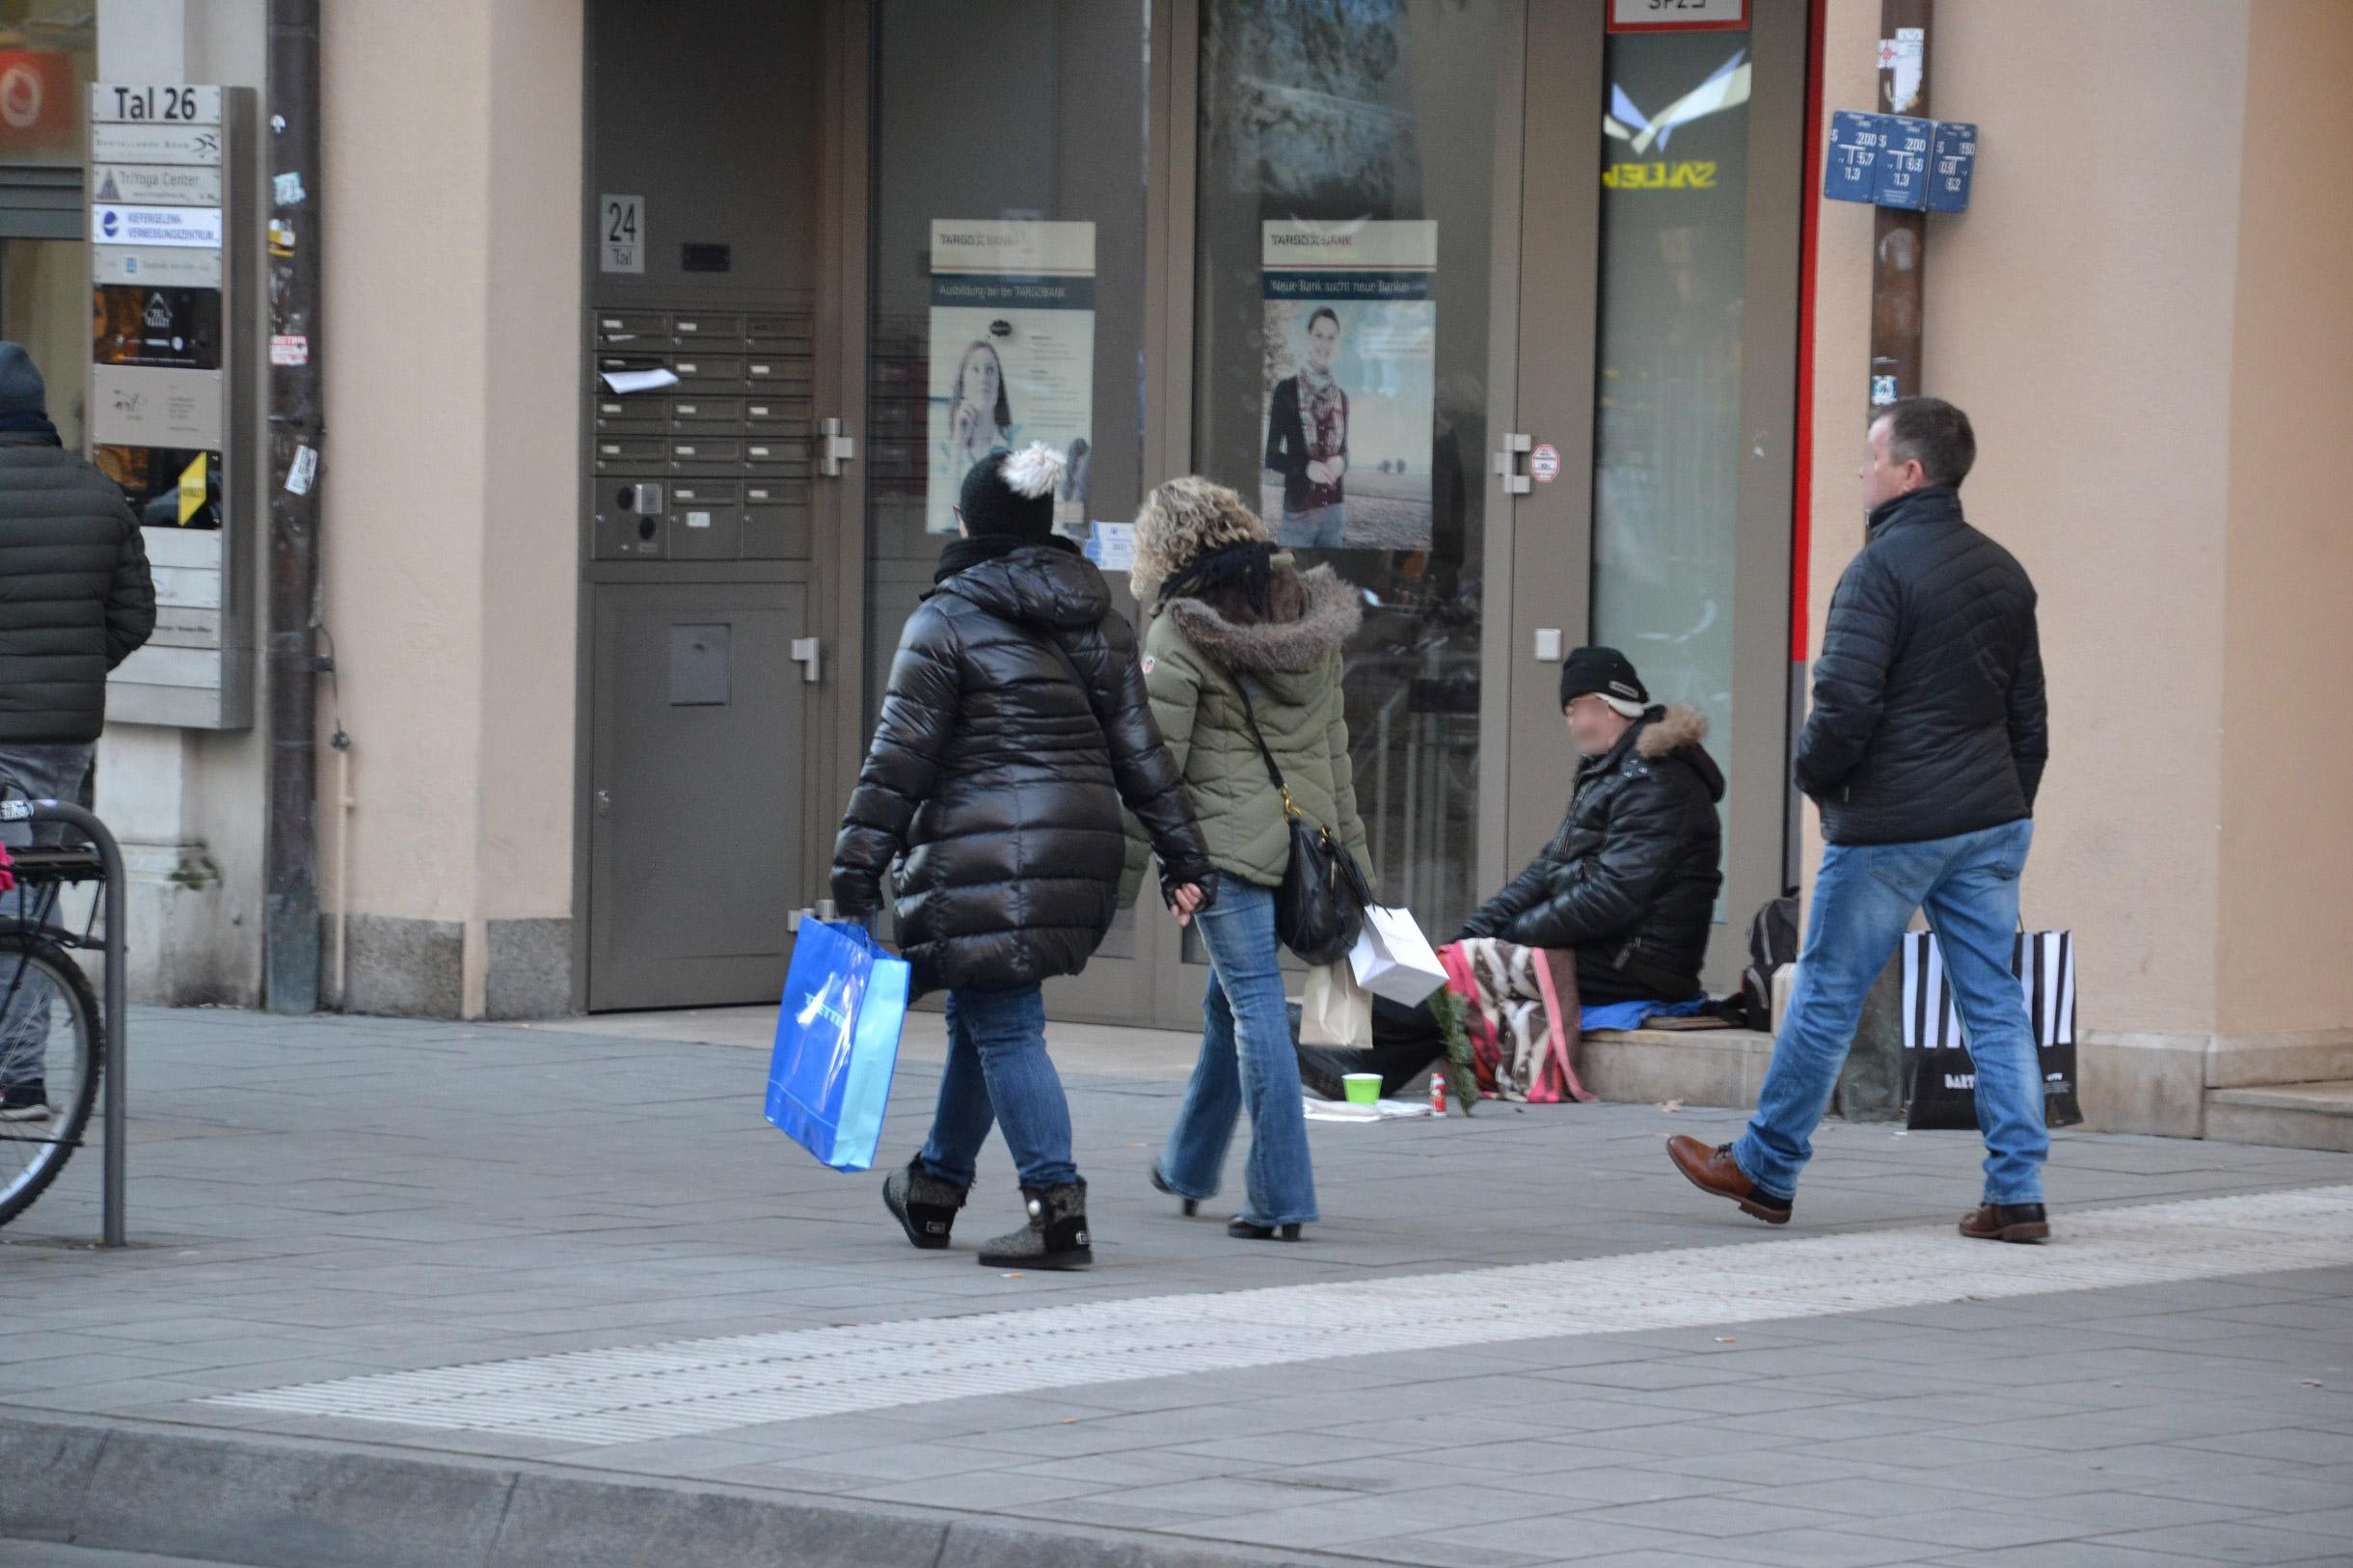 Obdachloser in der Nähe des Chriskindlmarktes am Marienplatz in München.